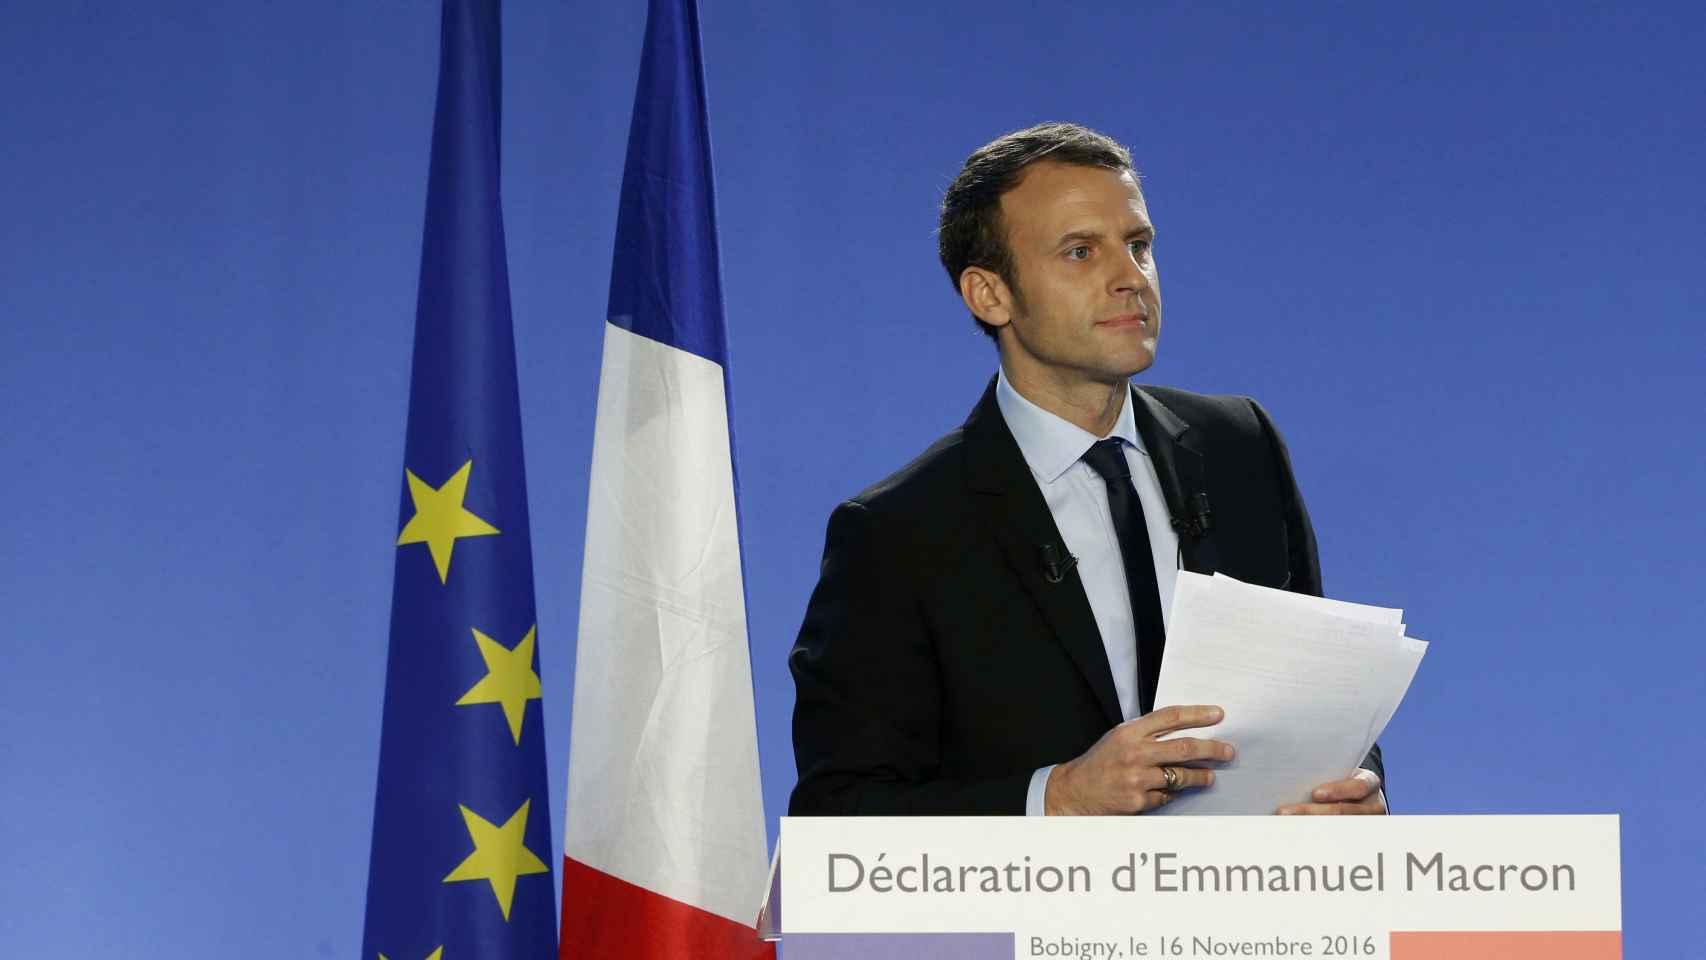 Macron anuncia su candidatura a las presidenciales francesas de 2017.